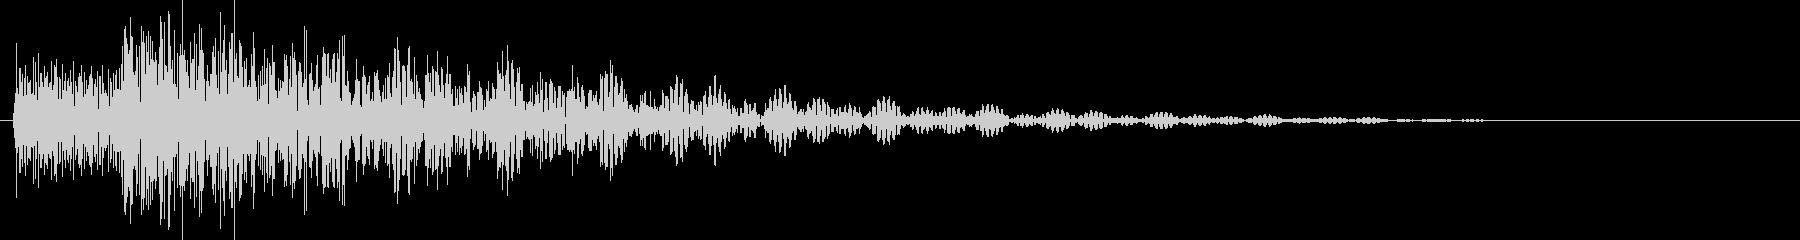 タララン 高 (ボタン、スタート音)の未再生の波形